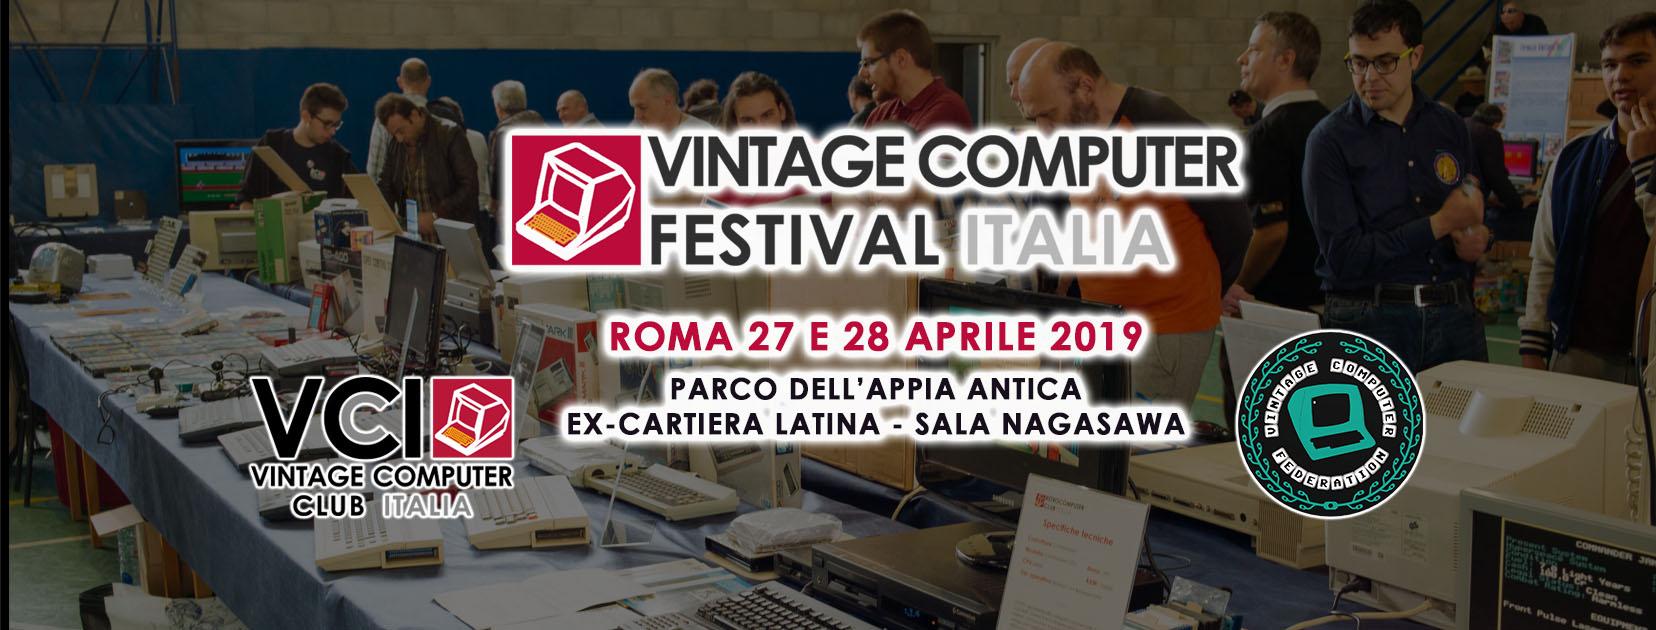 MMN collabora e partecipa al Vintage Computer Festival Italia 2019 a Roma il 27-28 aprile